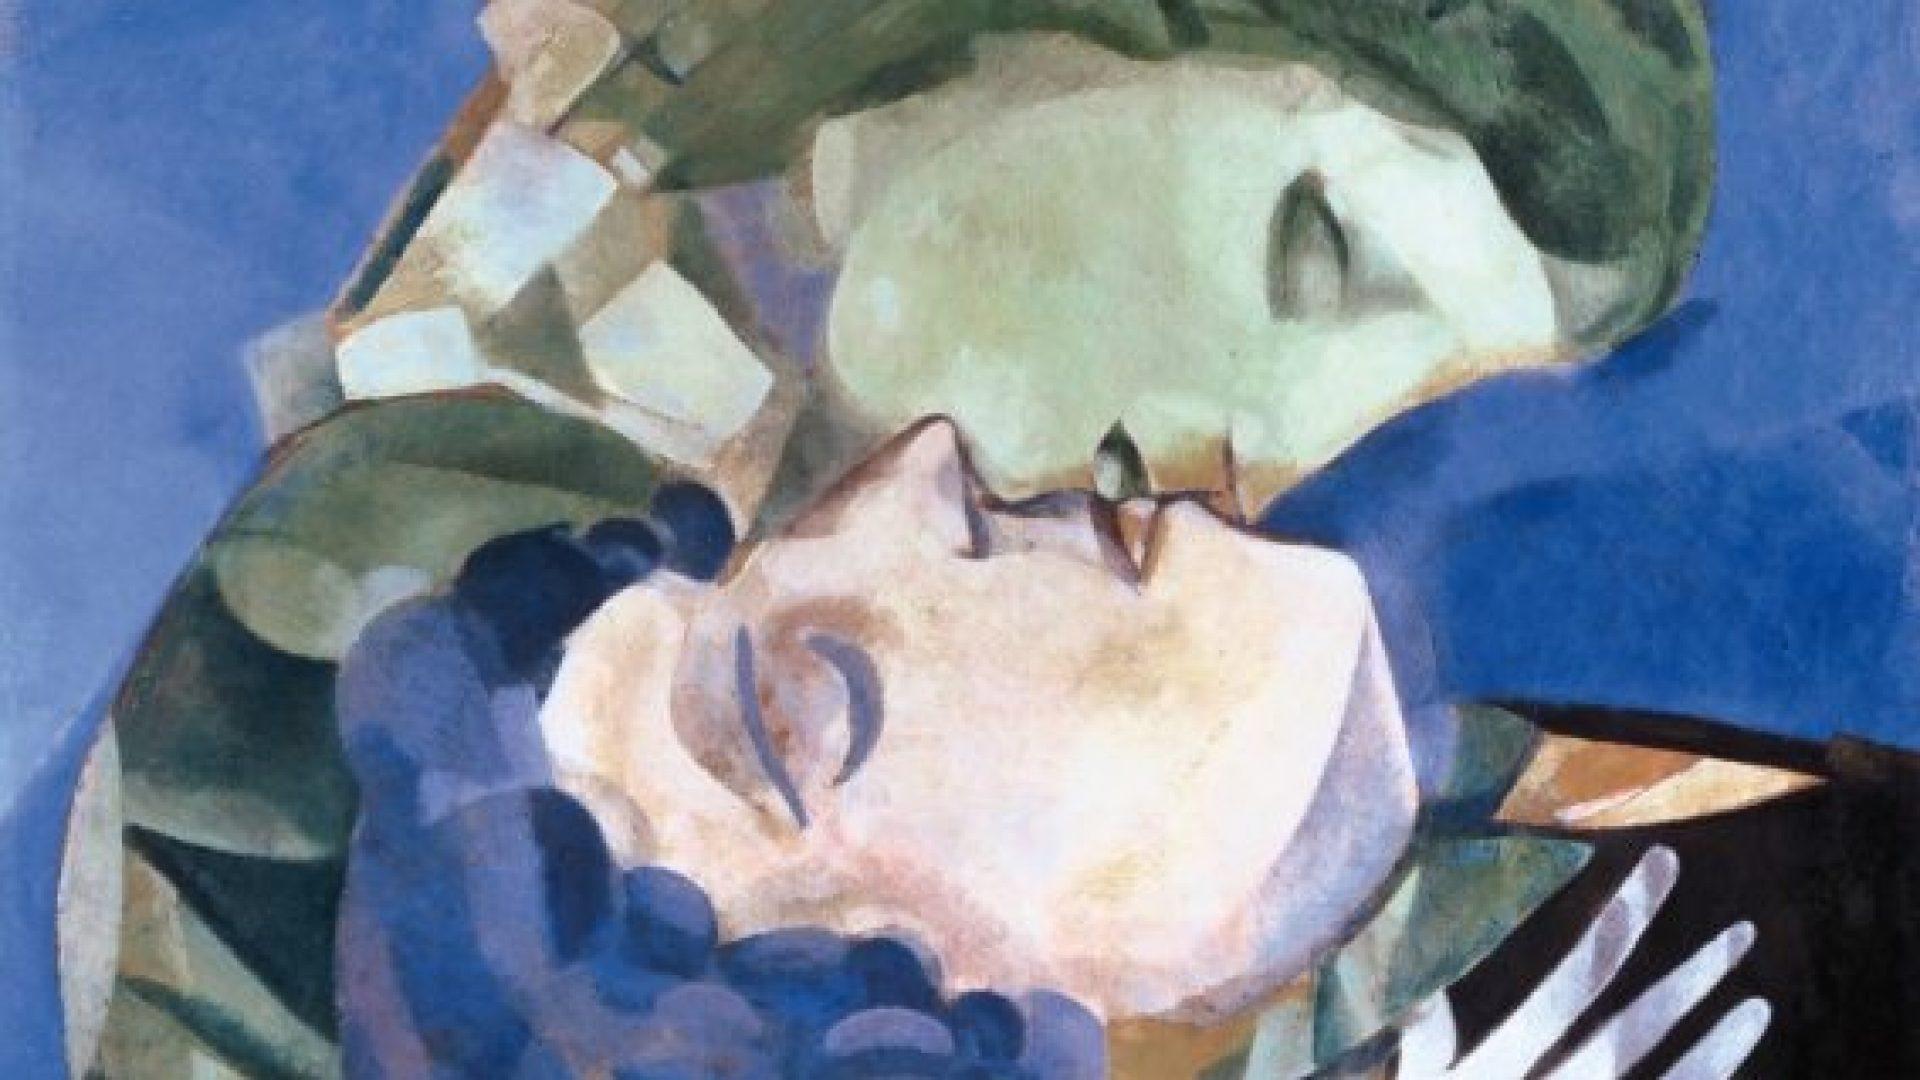 MARC CHAGALL, LES AMOUREUX, 1916-c-Courtesy Heidi Horten Collection-c-Bildrecht, Wien, 2018